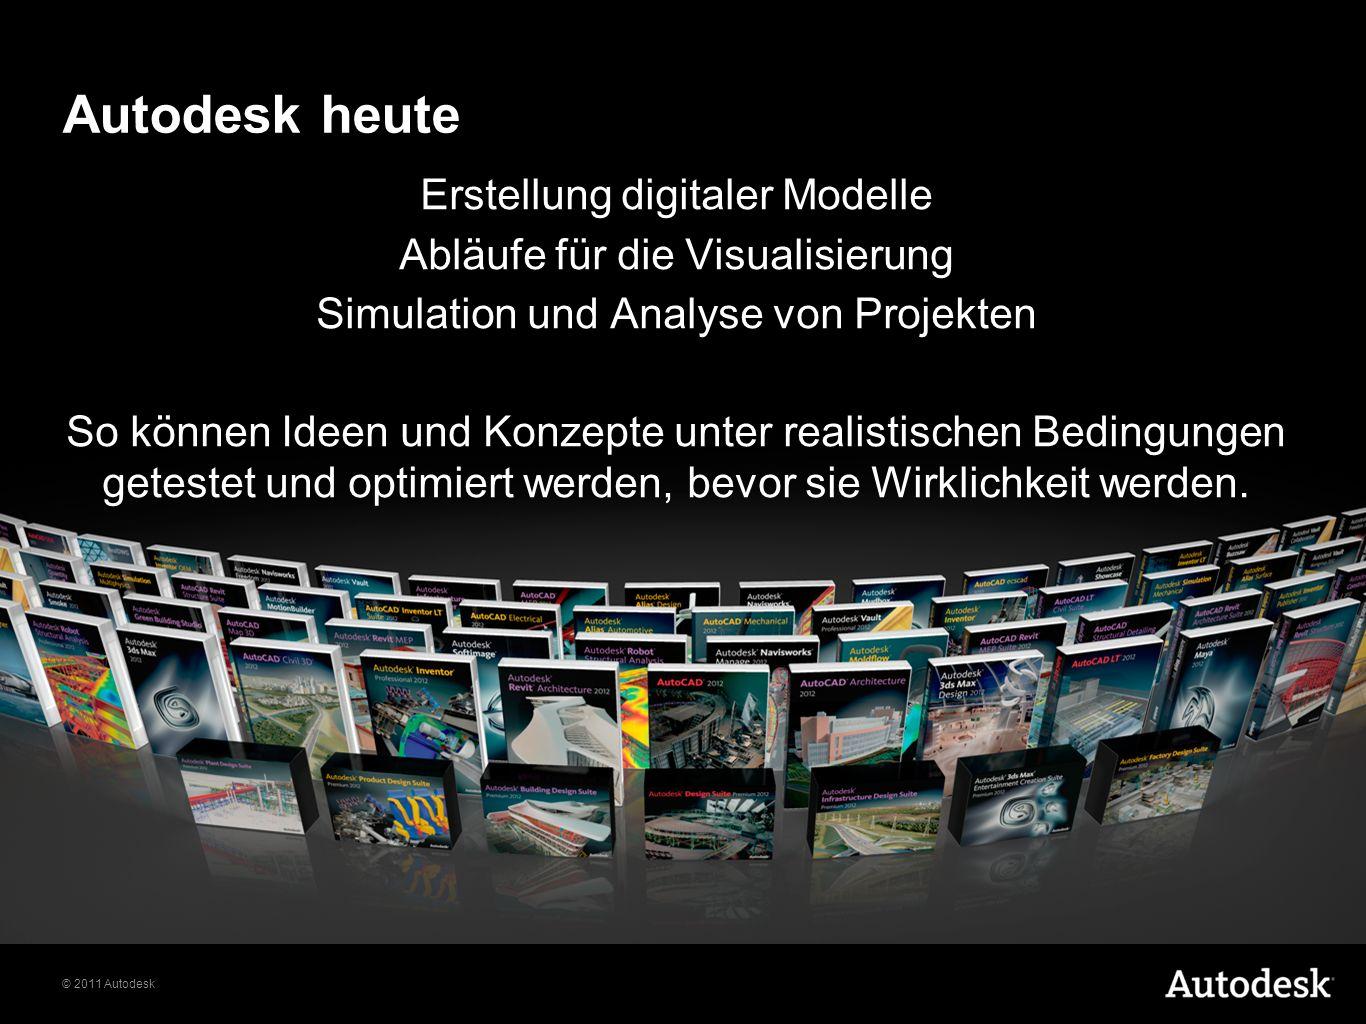 © 2011 Autodesk Autodesk heute Erstellung digitaler Modelle Abläufe für die Visualisierung Simulation und Analyse von Projekten So können Ideen und Konzepte unter realistischen Bedingungen getestet und optimiert werden, bevor sie Wirklichkeit werden.